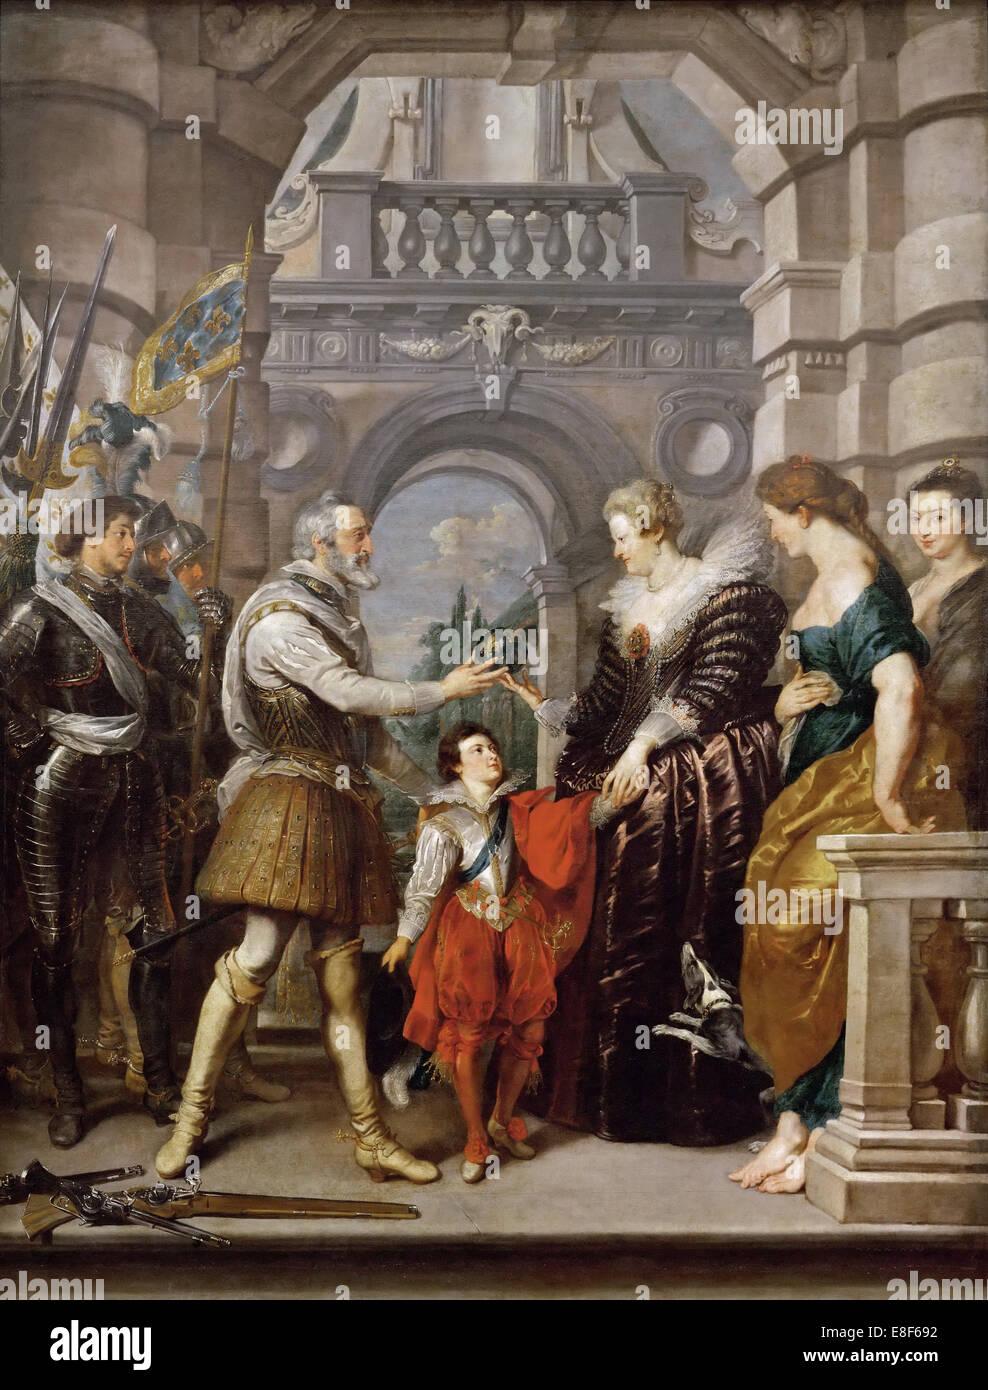 El envío de la Regencia (Marie de Médicis ciclo). Artista: Rubens, Pieter Paul (1577-1640) Imagen De Stock